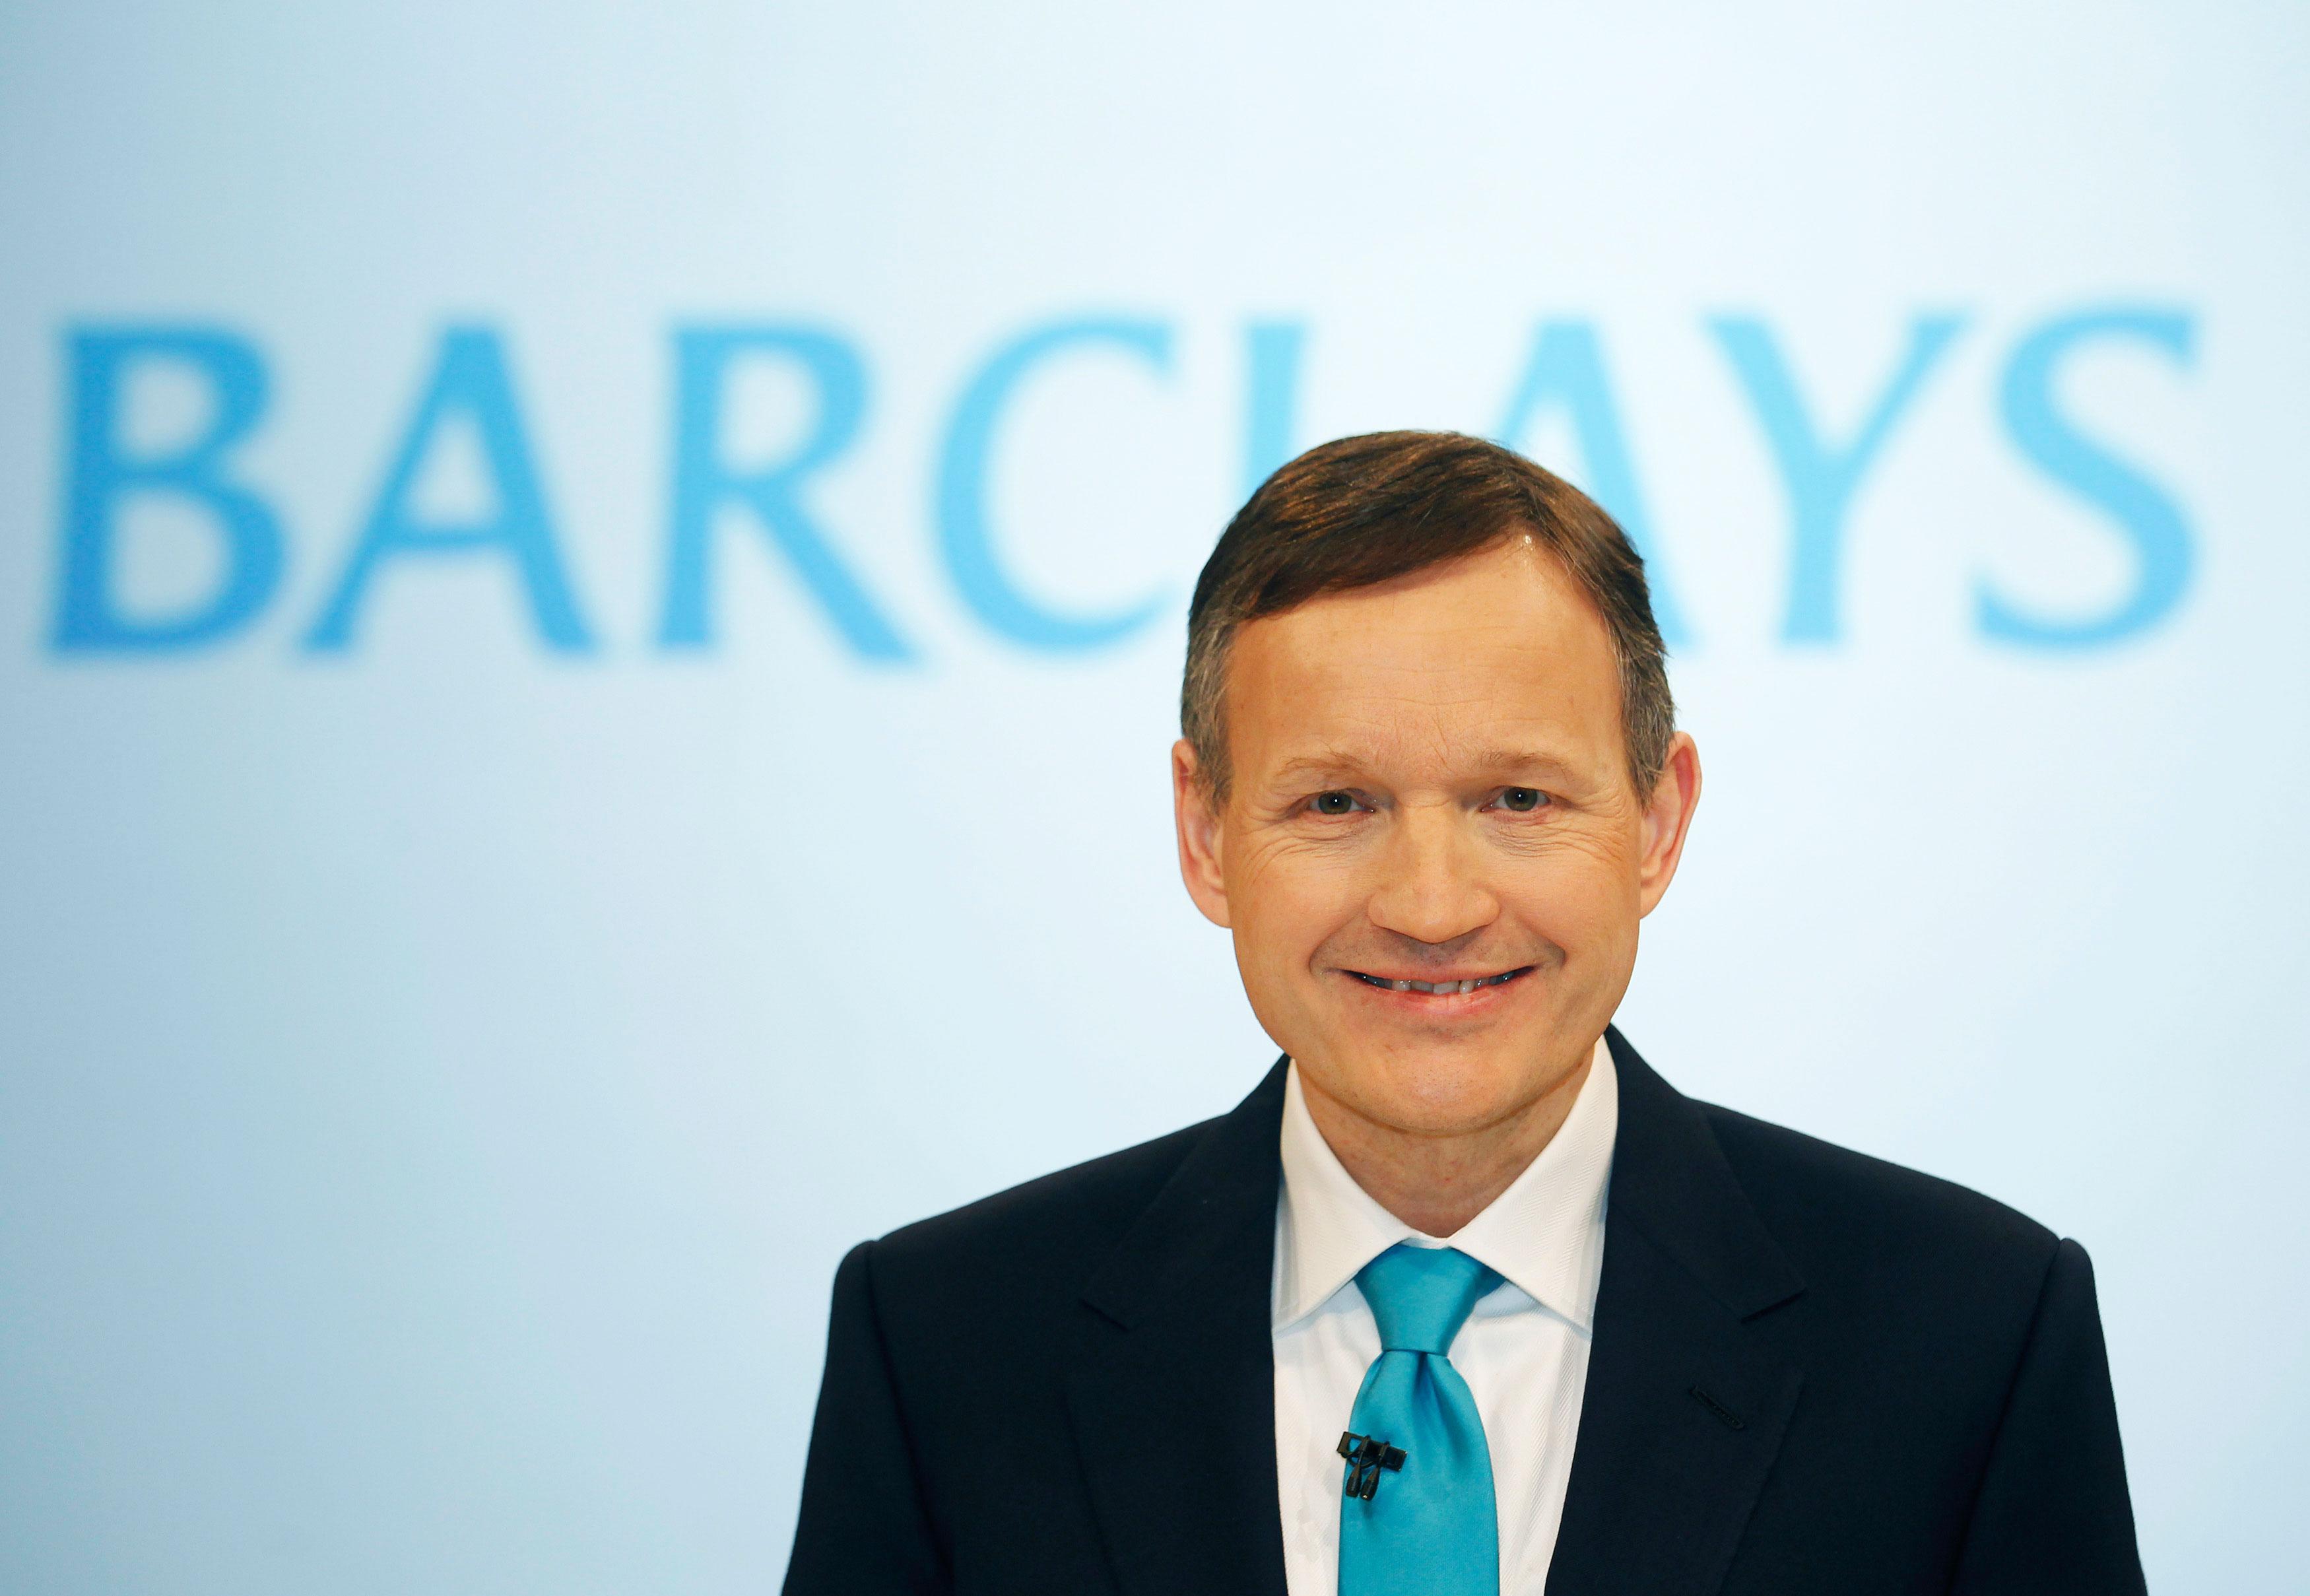 Barclays sacks CEO Antony Jenkins